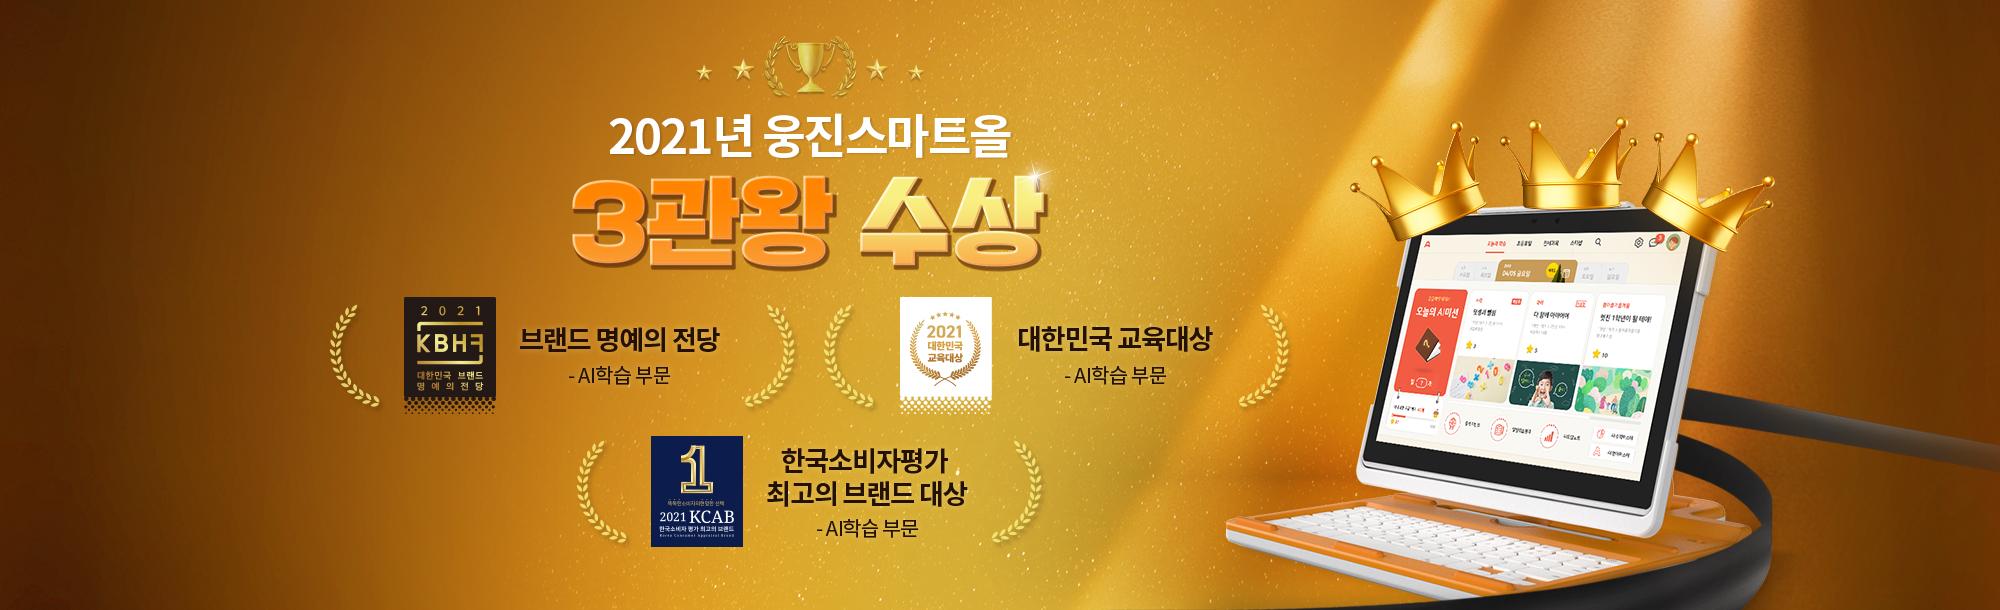 2021년 웅진스마트올 AI학습부문 3관왕 수상!!